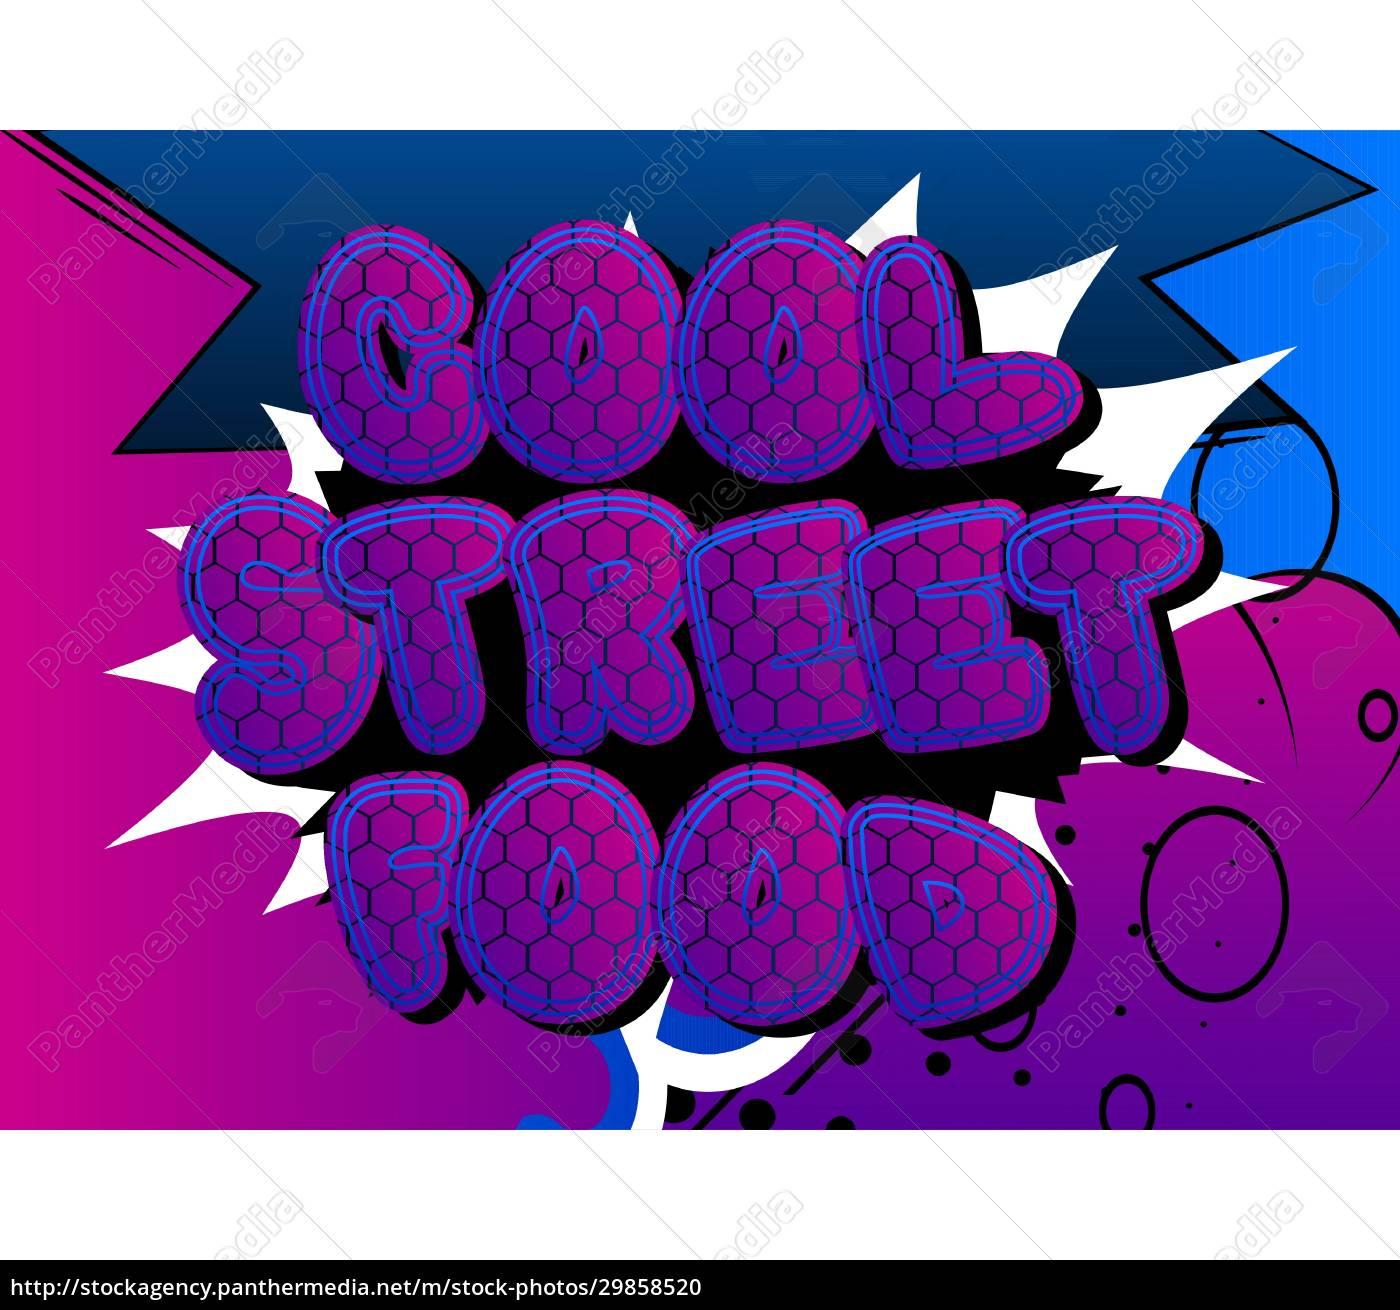 cool, street, food - 29858520